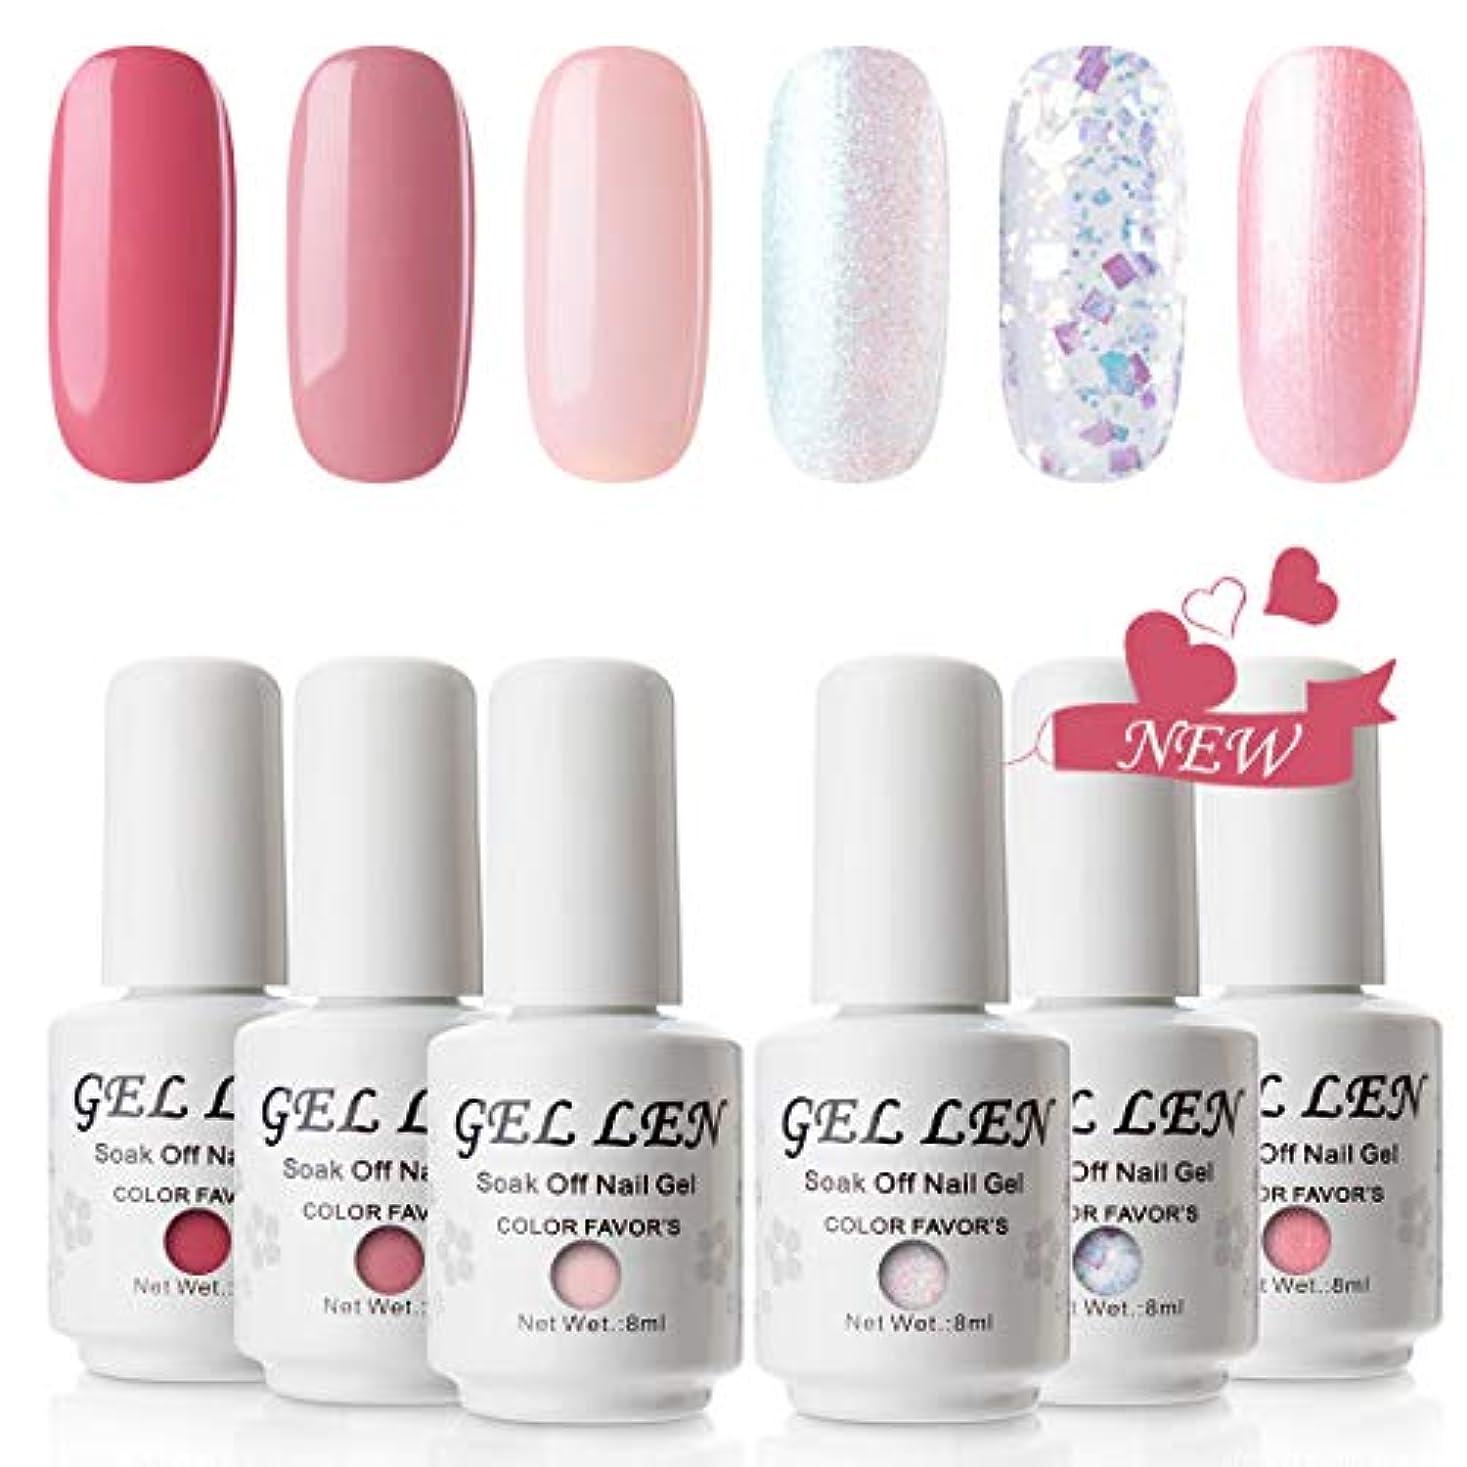 広範囲リダクタートロリーGellen ジェルネイル カラージェル 厳選6色 UV/LED ラメ 全ての女性に愛されるカラー 8ml ピンク ホワイトラメ